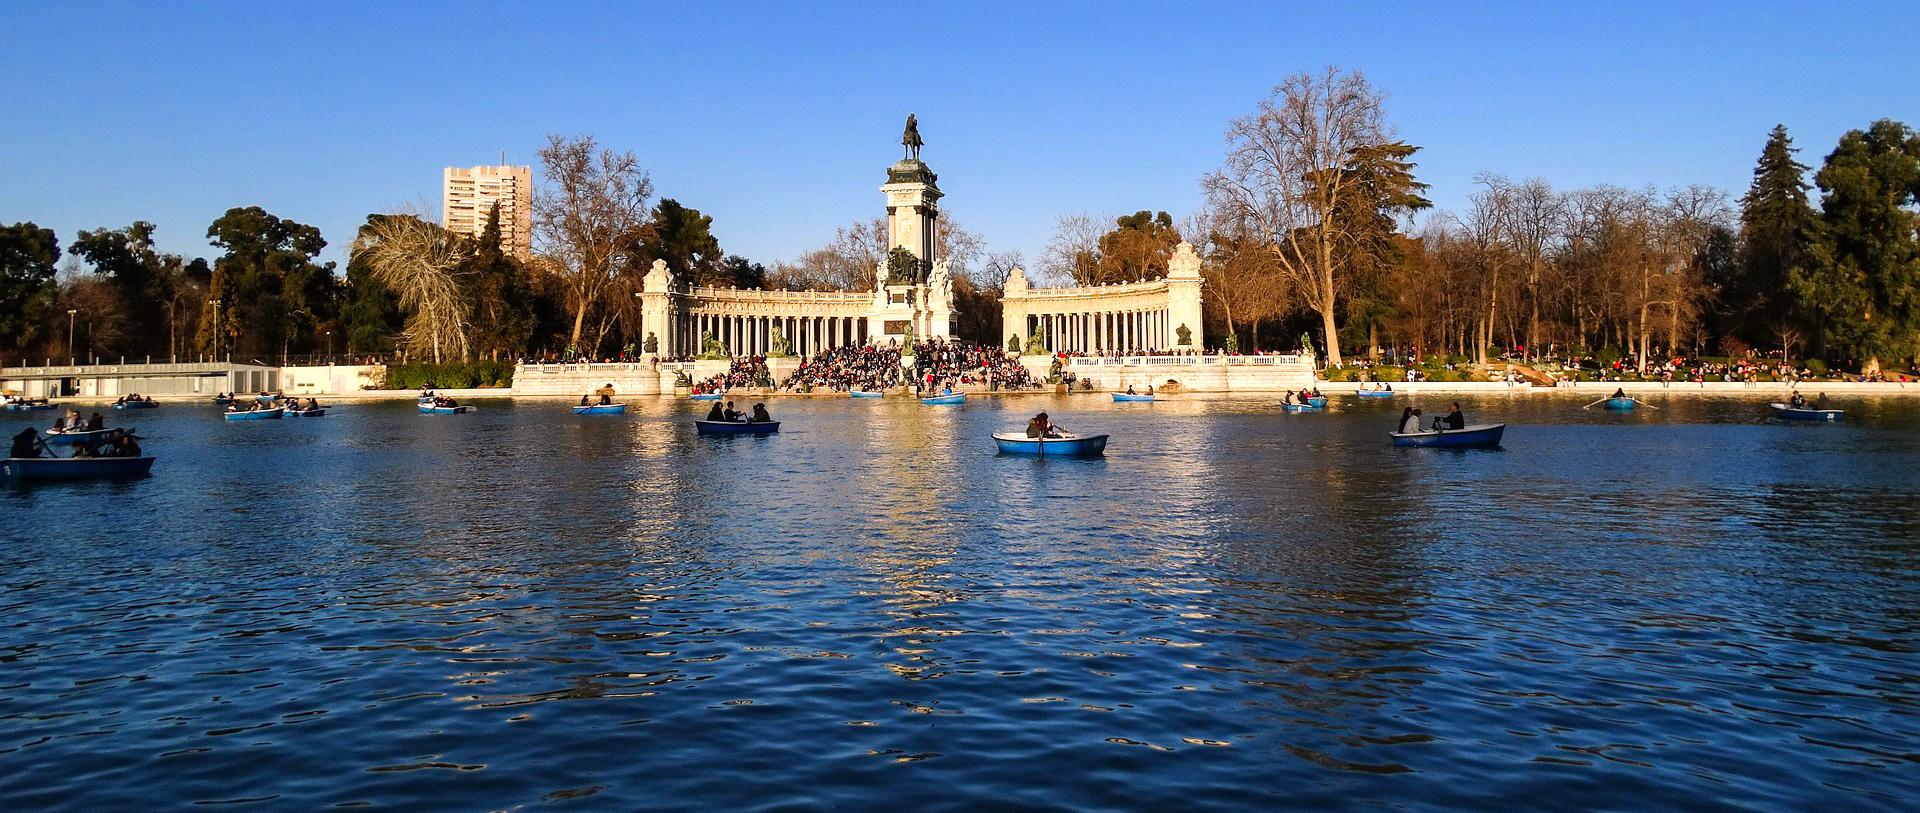 Qué hacer y ver en Madrid en un fin de semana madrid en un fin de semana - 34111523854 c77f7157b0 o - Qué hacer y ver en Madrid en un fin de semana